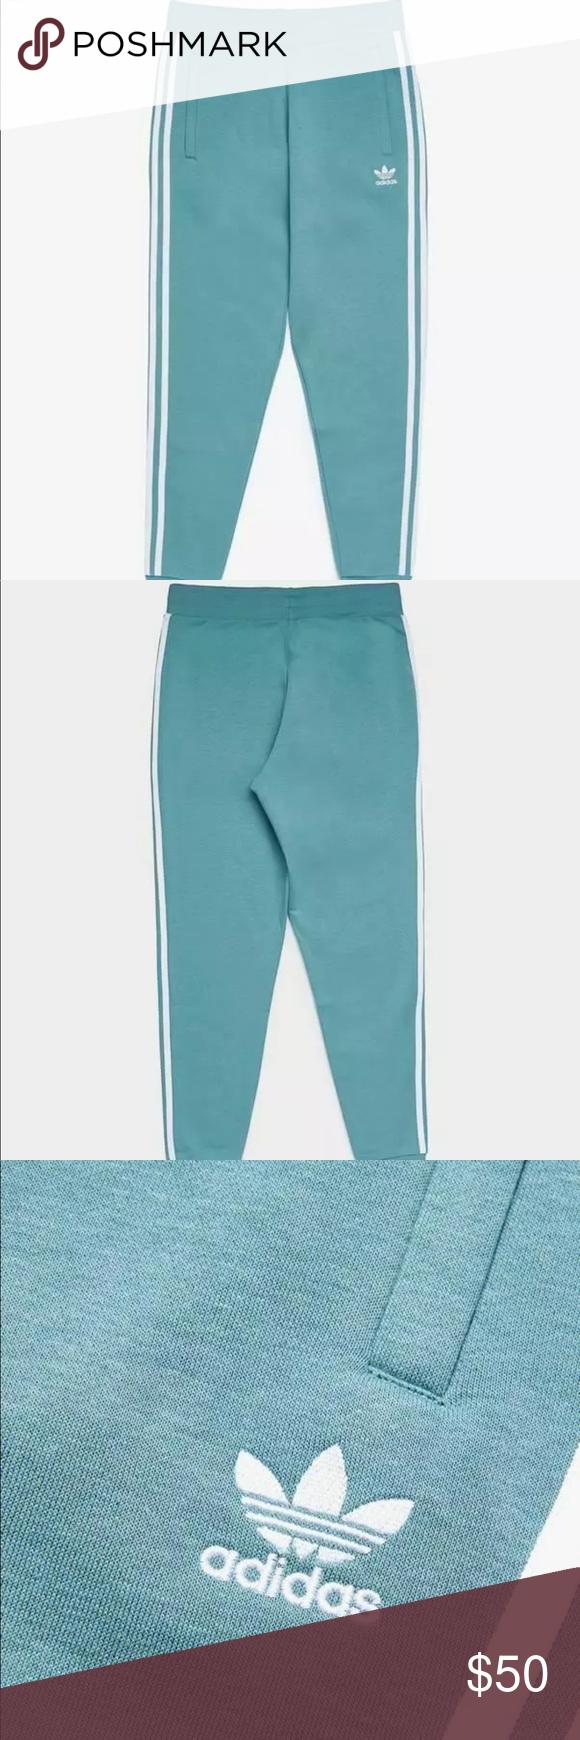 New! Mens Adidas Originals 3 Stripes Pant DV1552] Mens